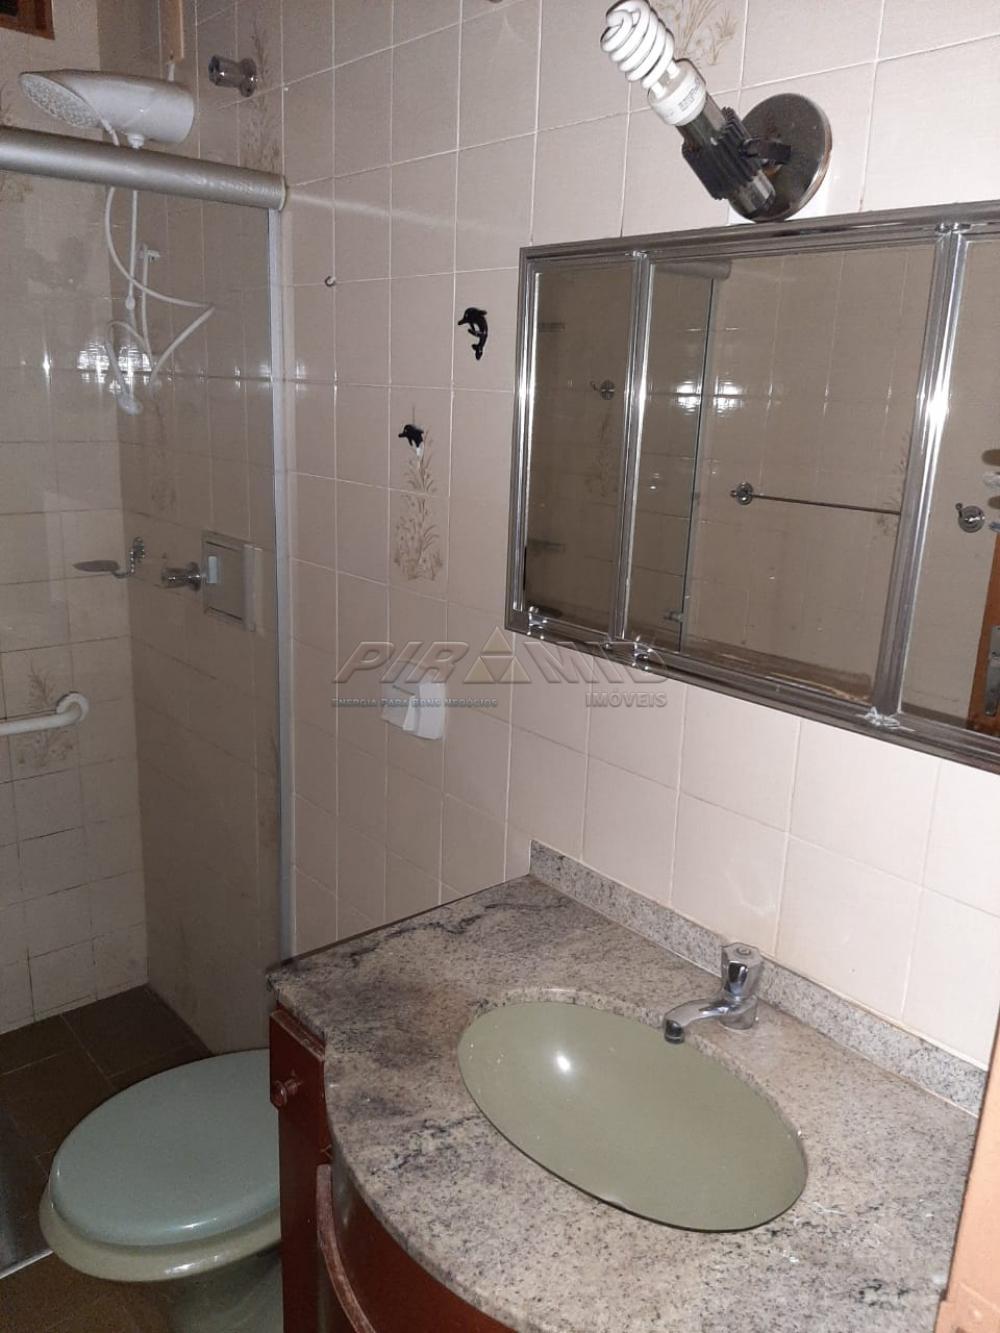 Comprar Casa / Padrão em Ribeirão Preto apenas R$ 200.000,00 - Foto 30